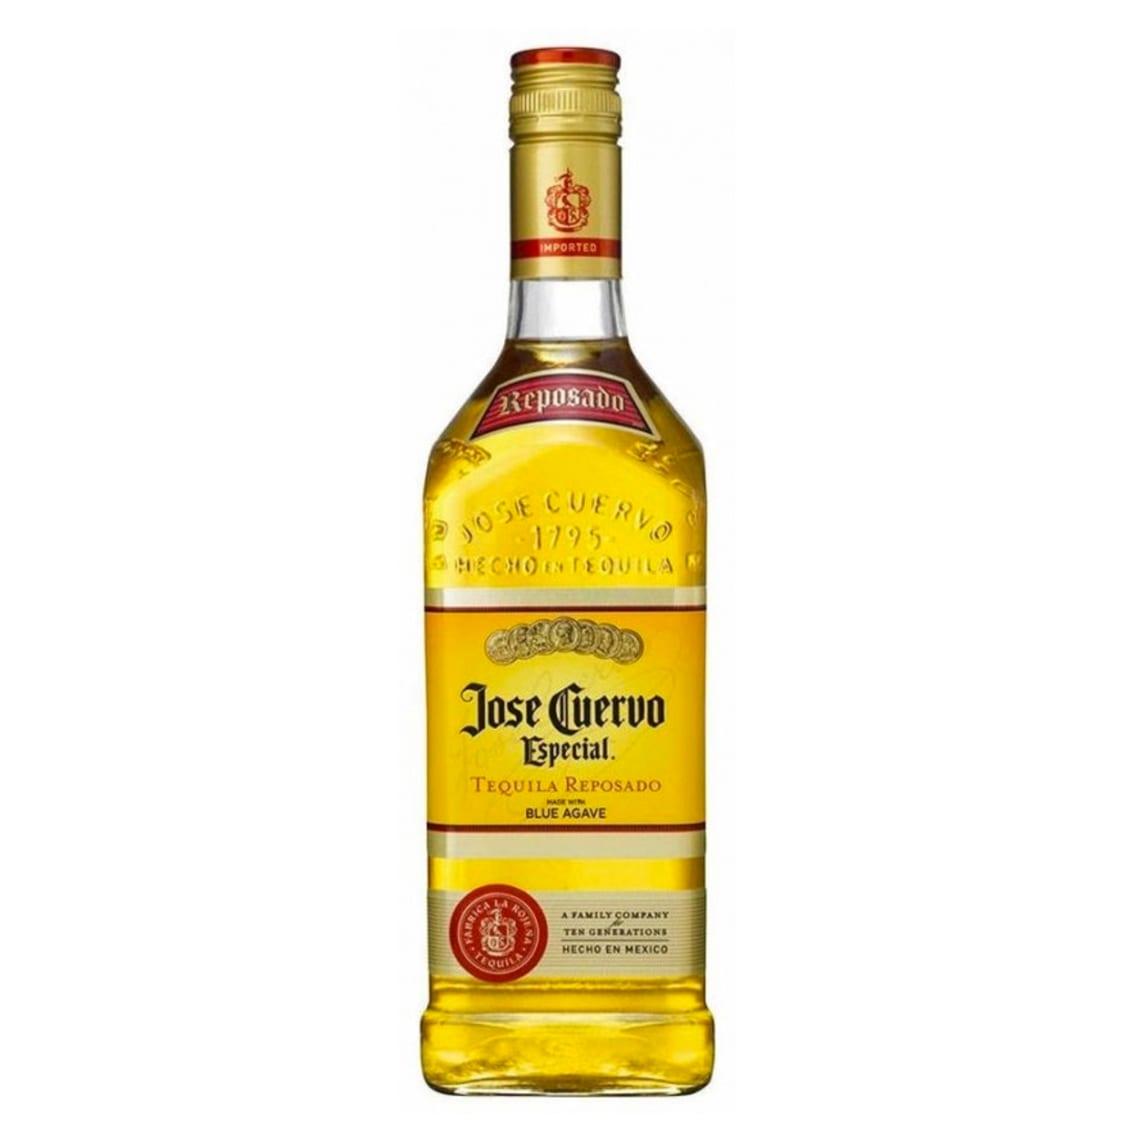 Tequila JOSE CUERVO Especial Reposado Botella 750ml